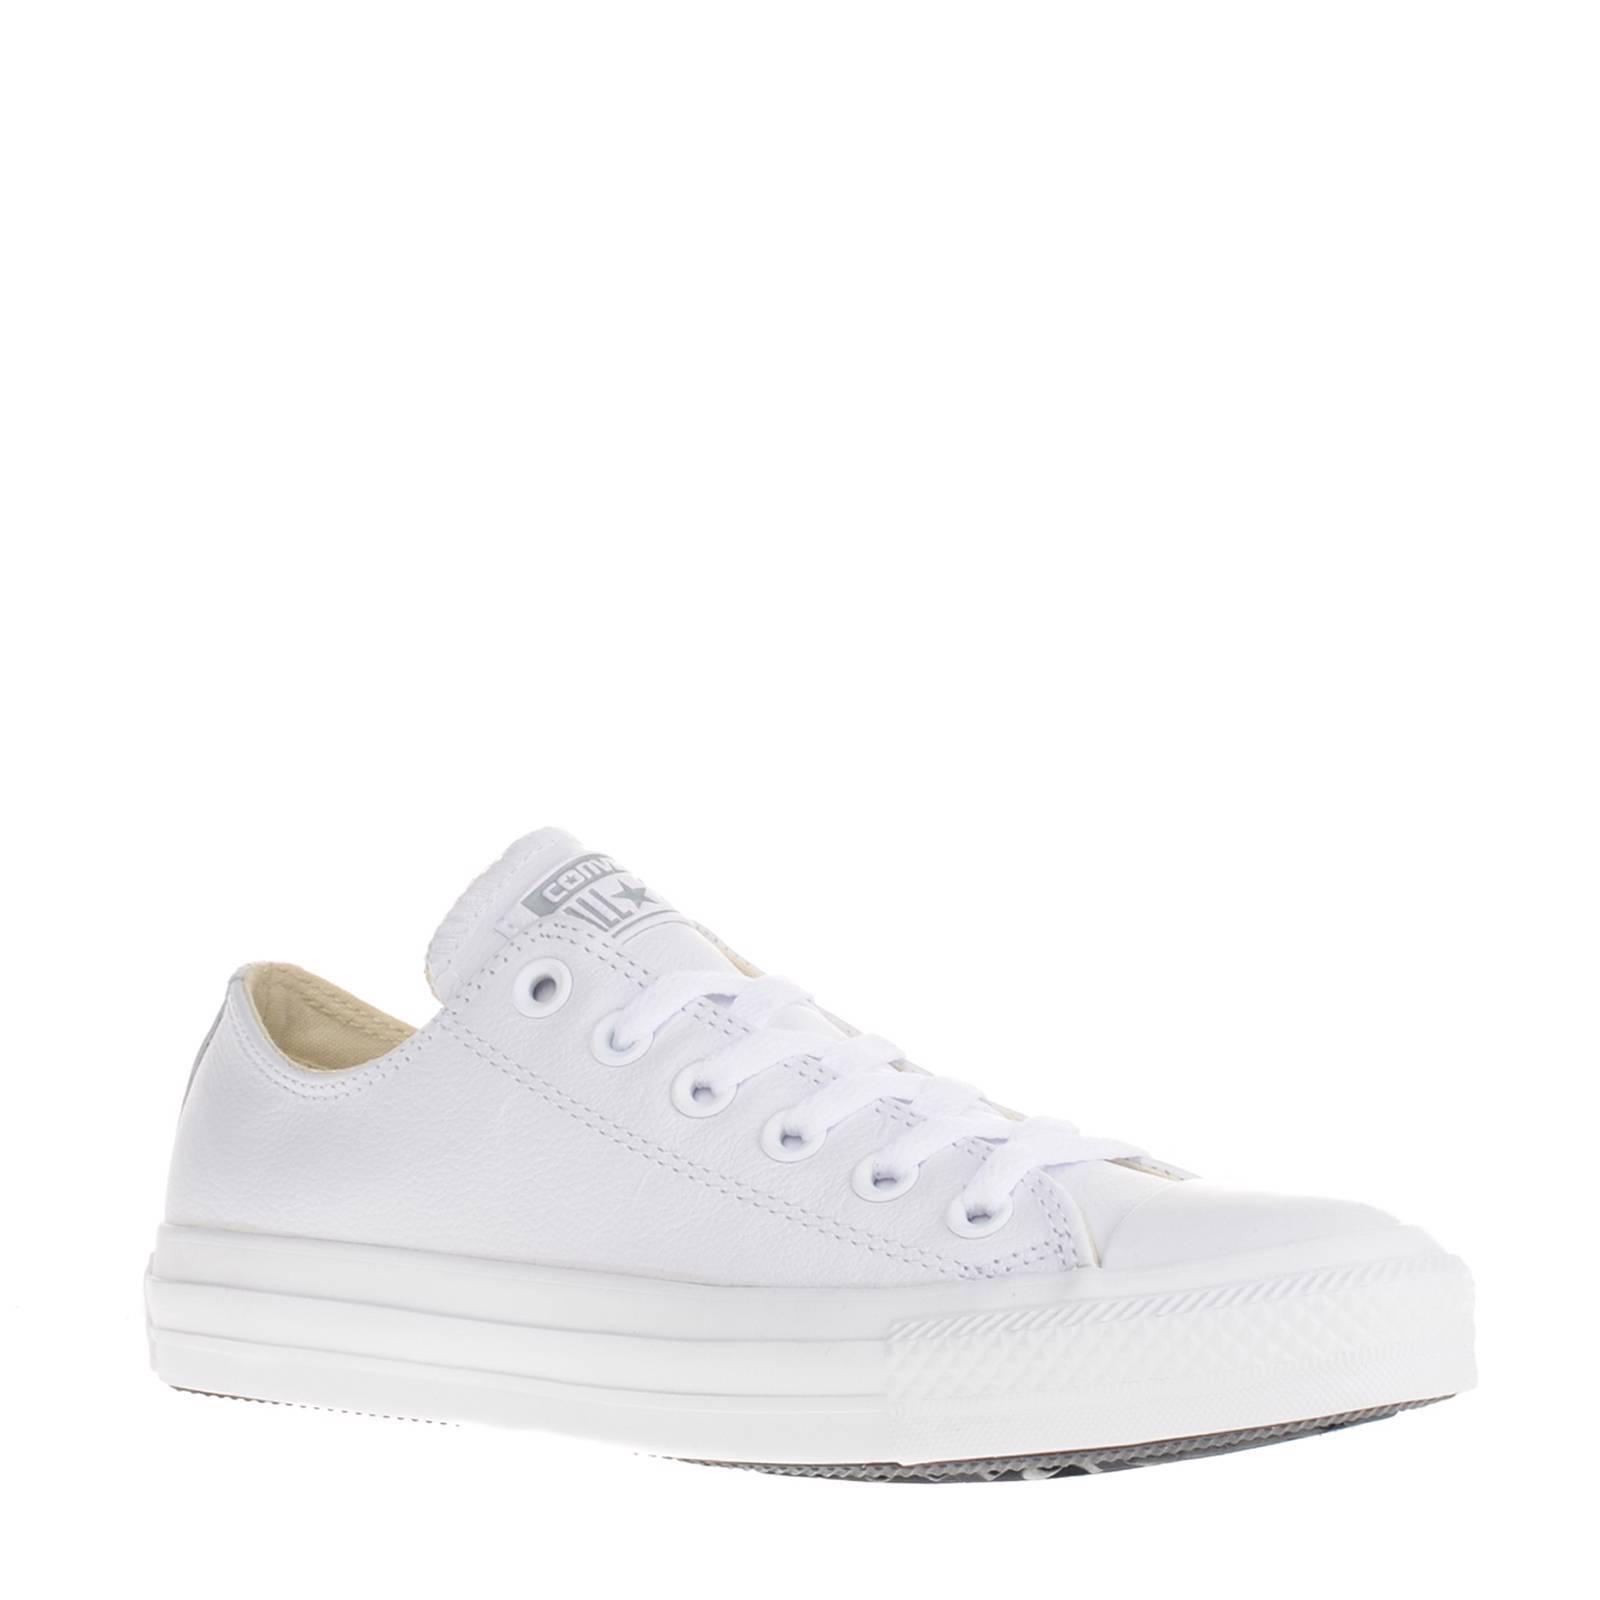 Ecco All Star leren sneakers | wehkamp